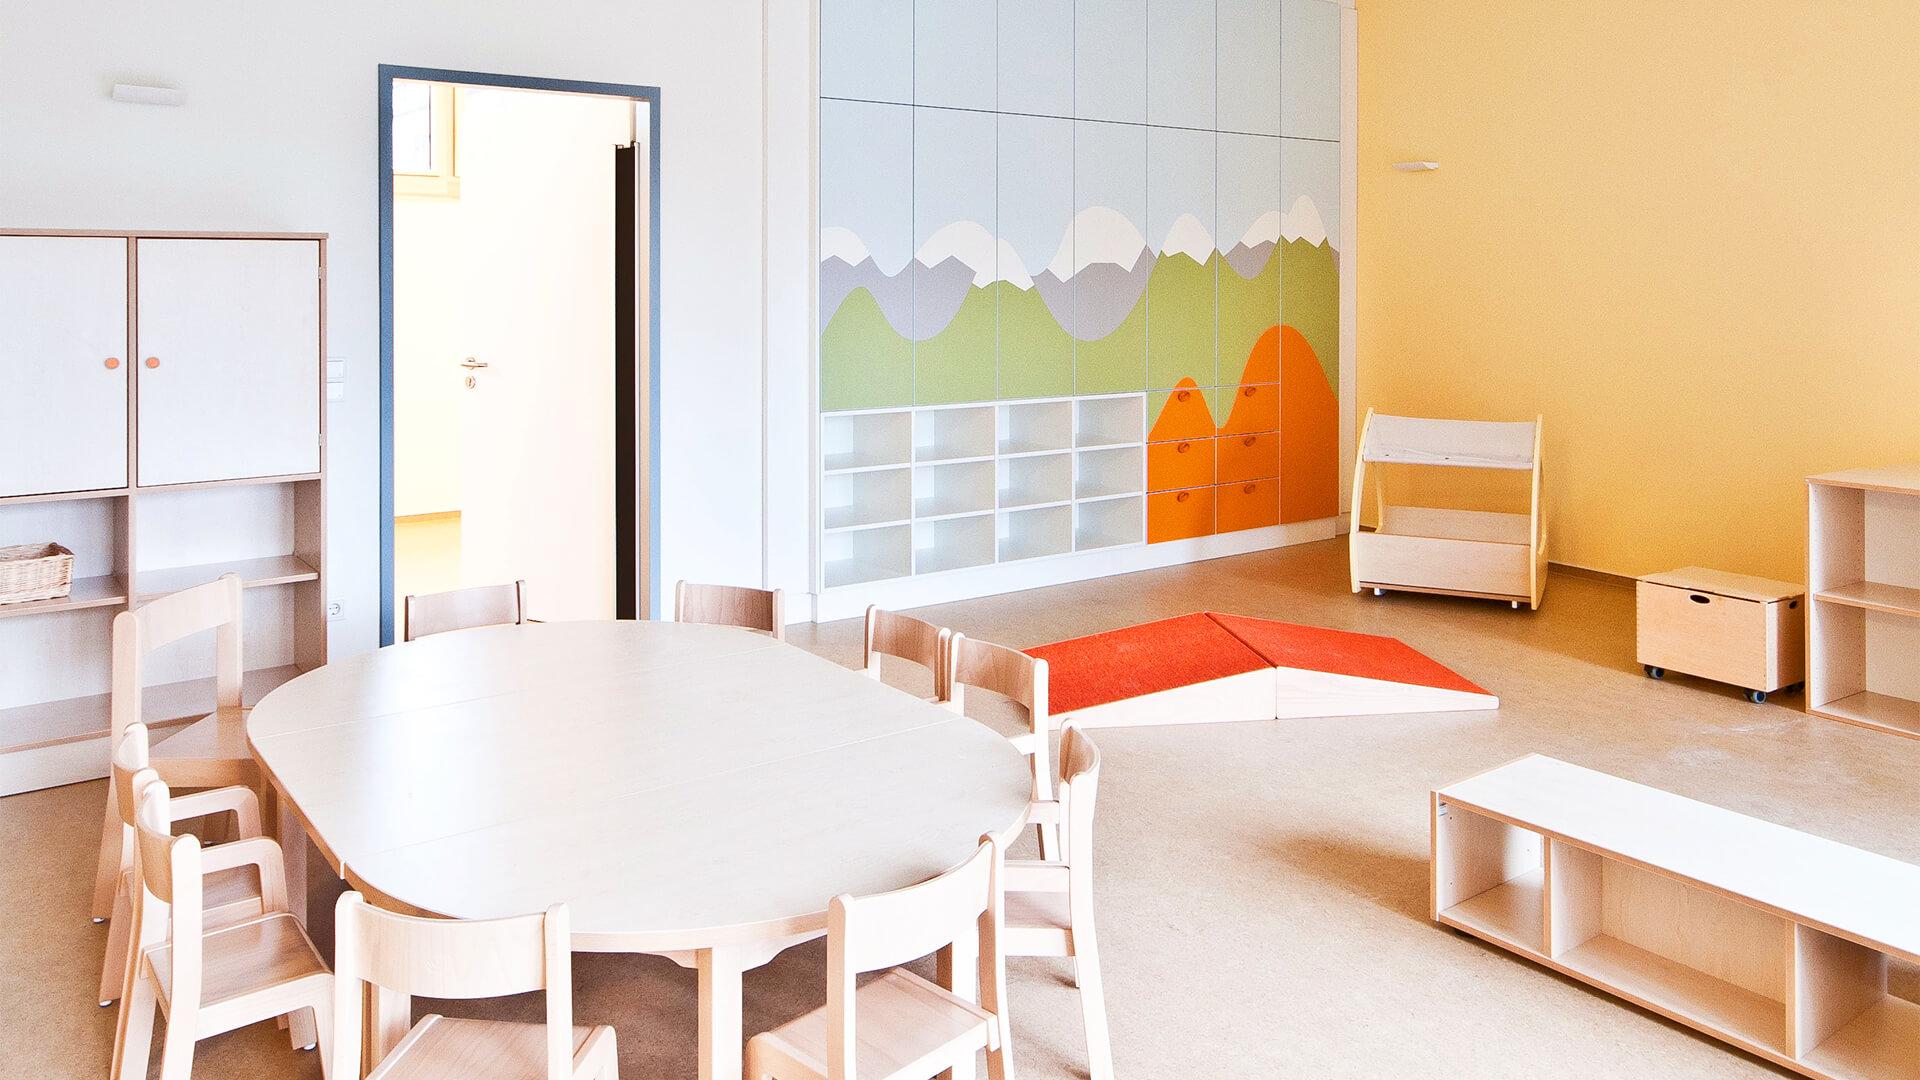 Gruppenraum mit runden Tischen und Stühlen für viele Kinder. Außerdem bemalte Schränke mit Bergmotiven